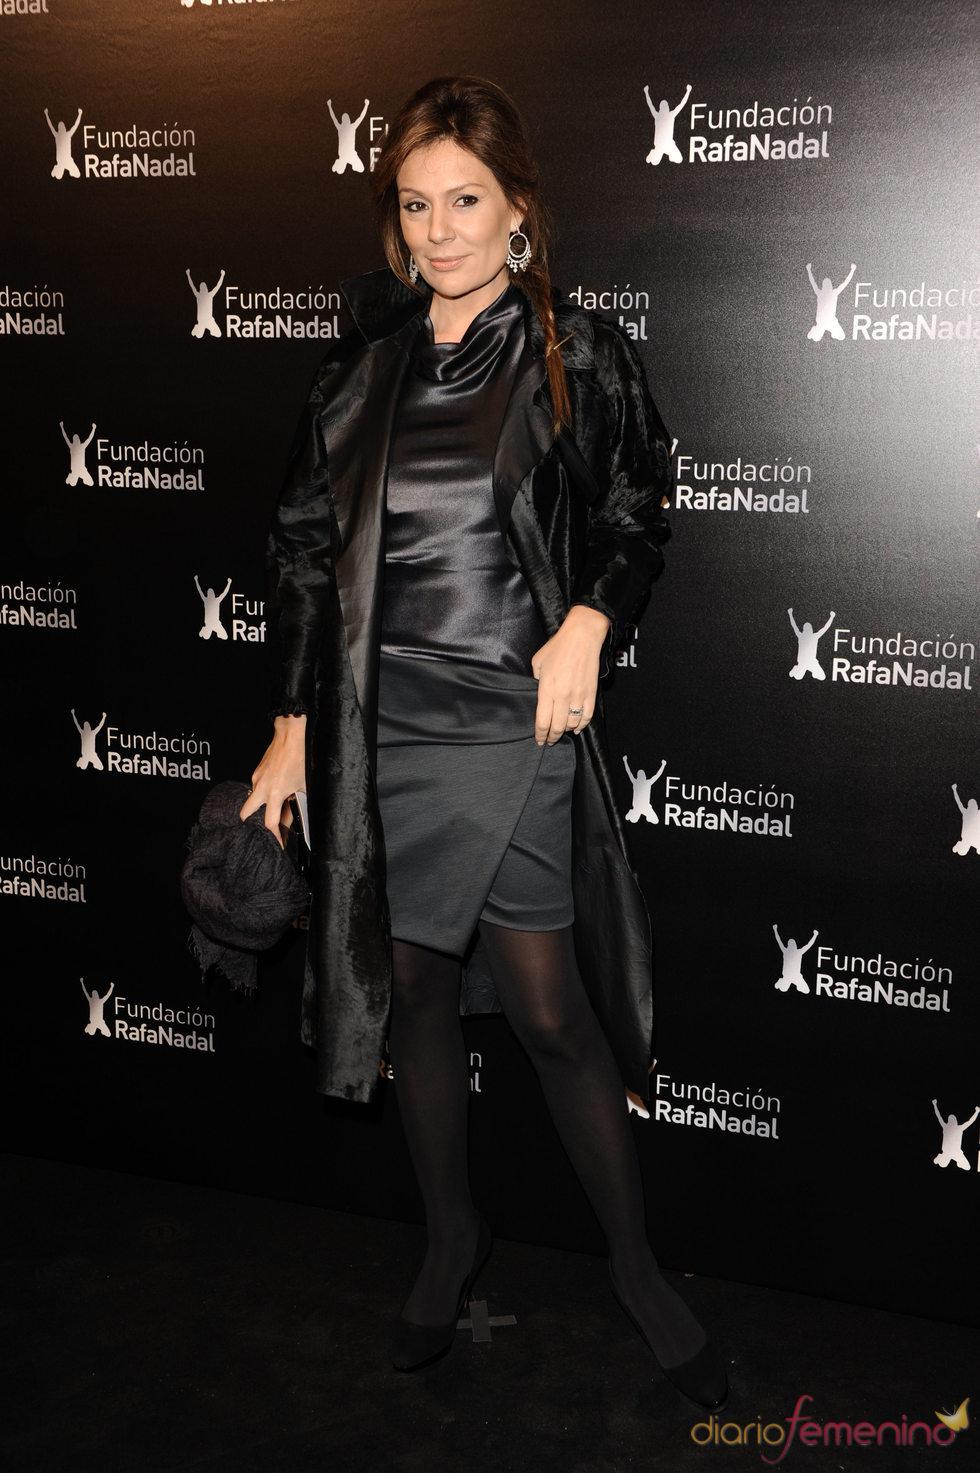 Nuria González en la cena de gala de la Fundación Rafa Nadal